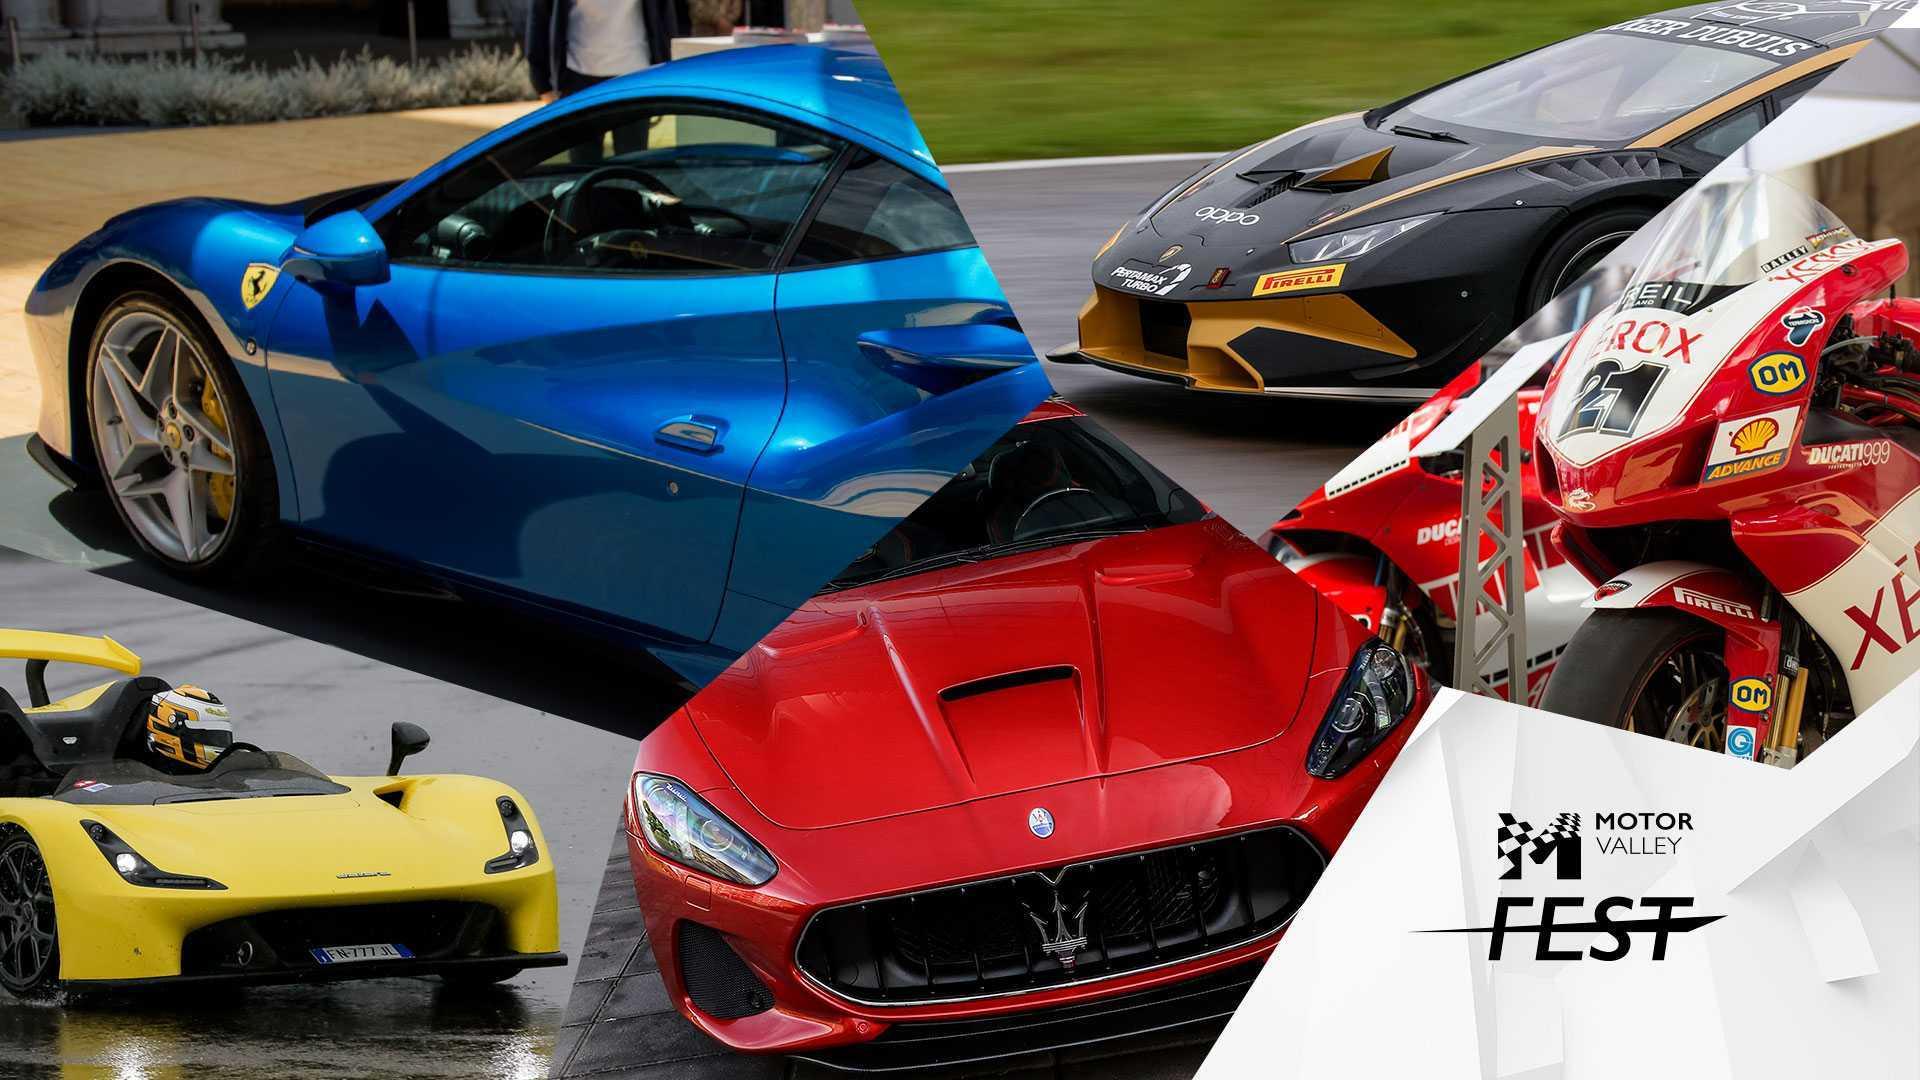 Motor Valley Fest 2020, la nuova edizione della grande festa dell'auto